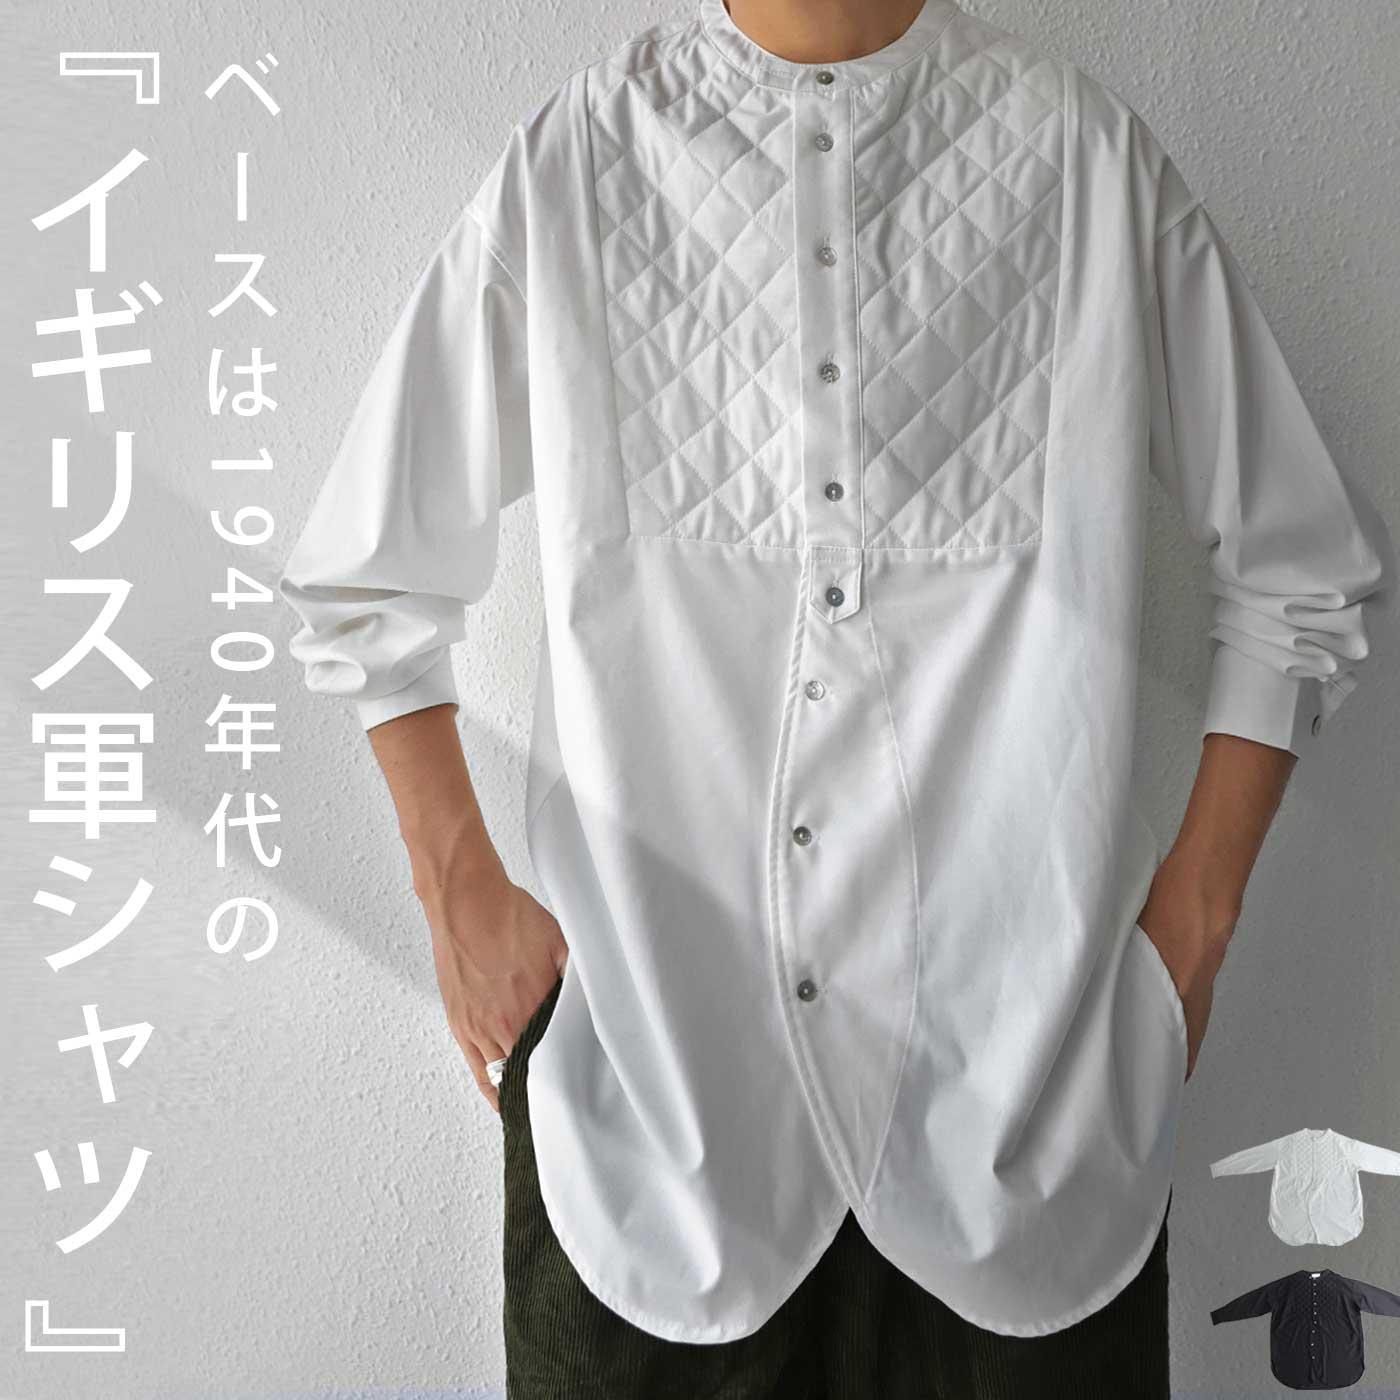 キルティング ブザムシャツ シャツ メンズ 長袖 送料無料・9月13日20時~発売。メール便不可【Z】